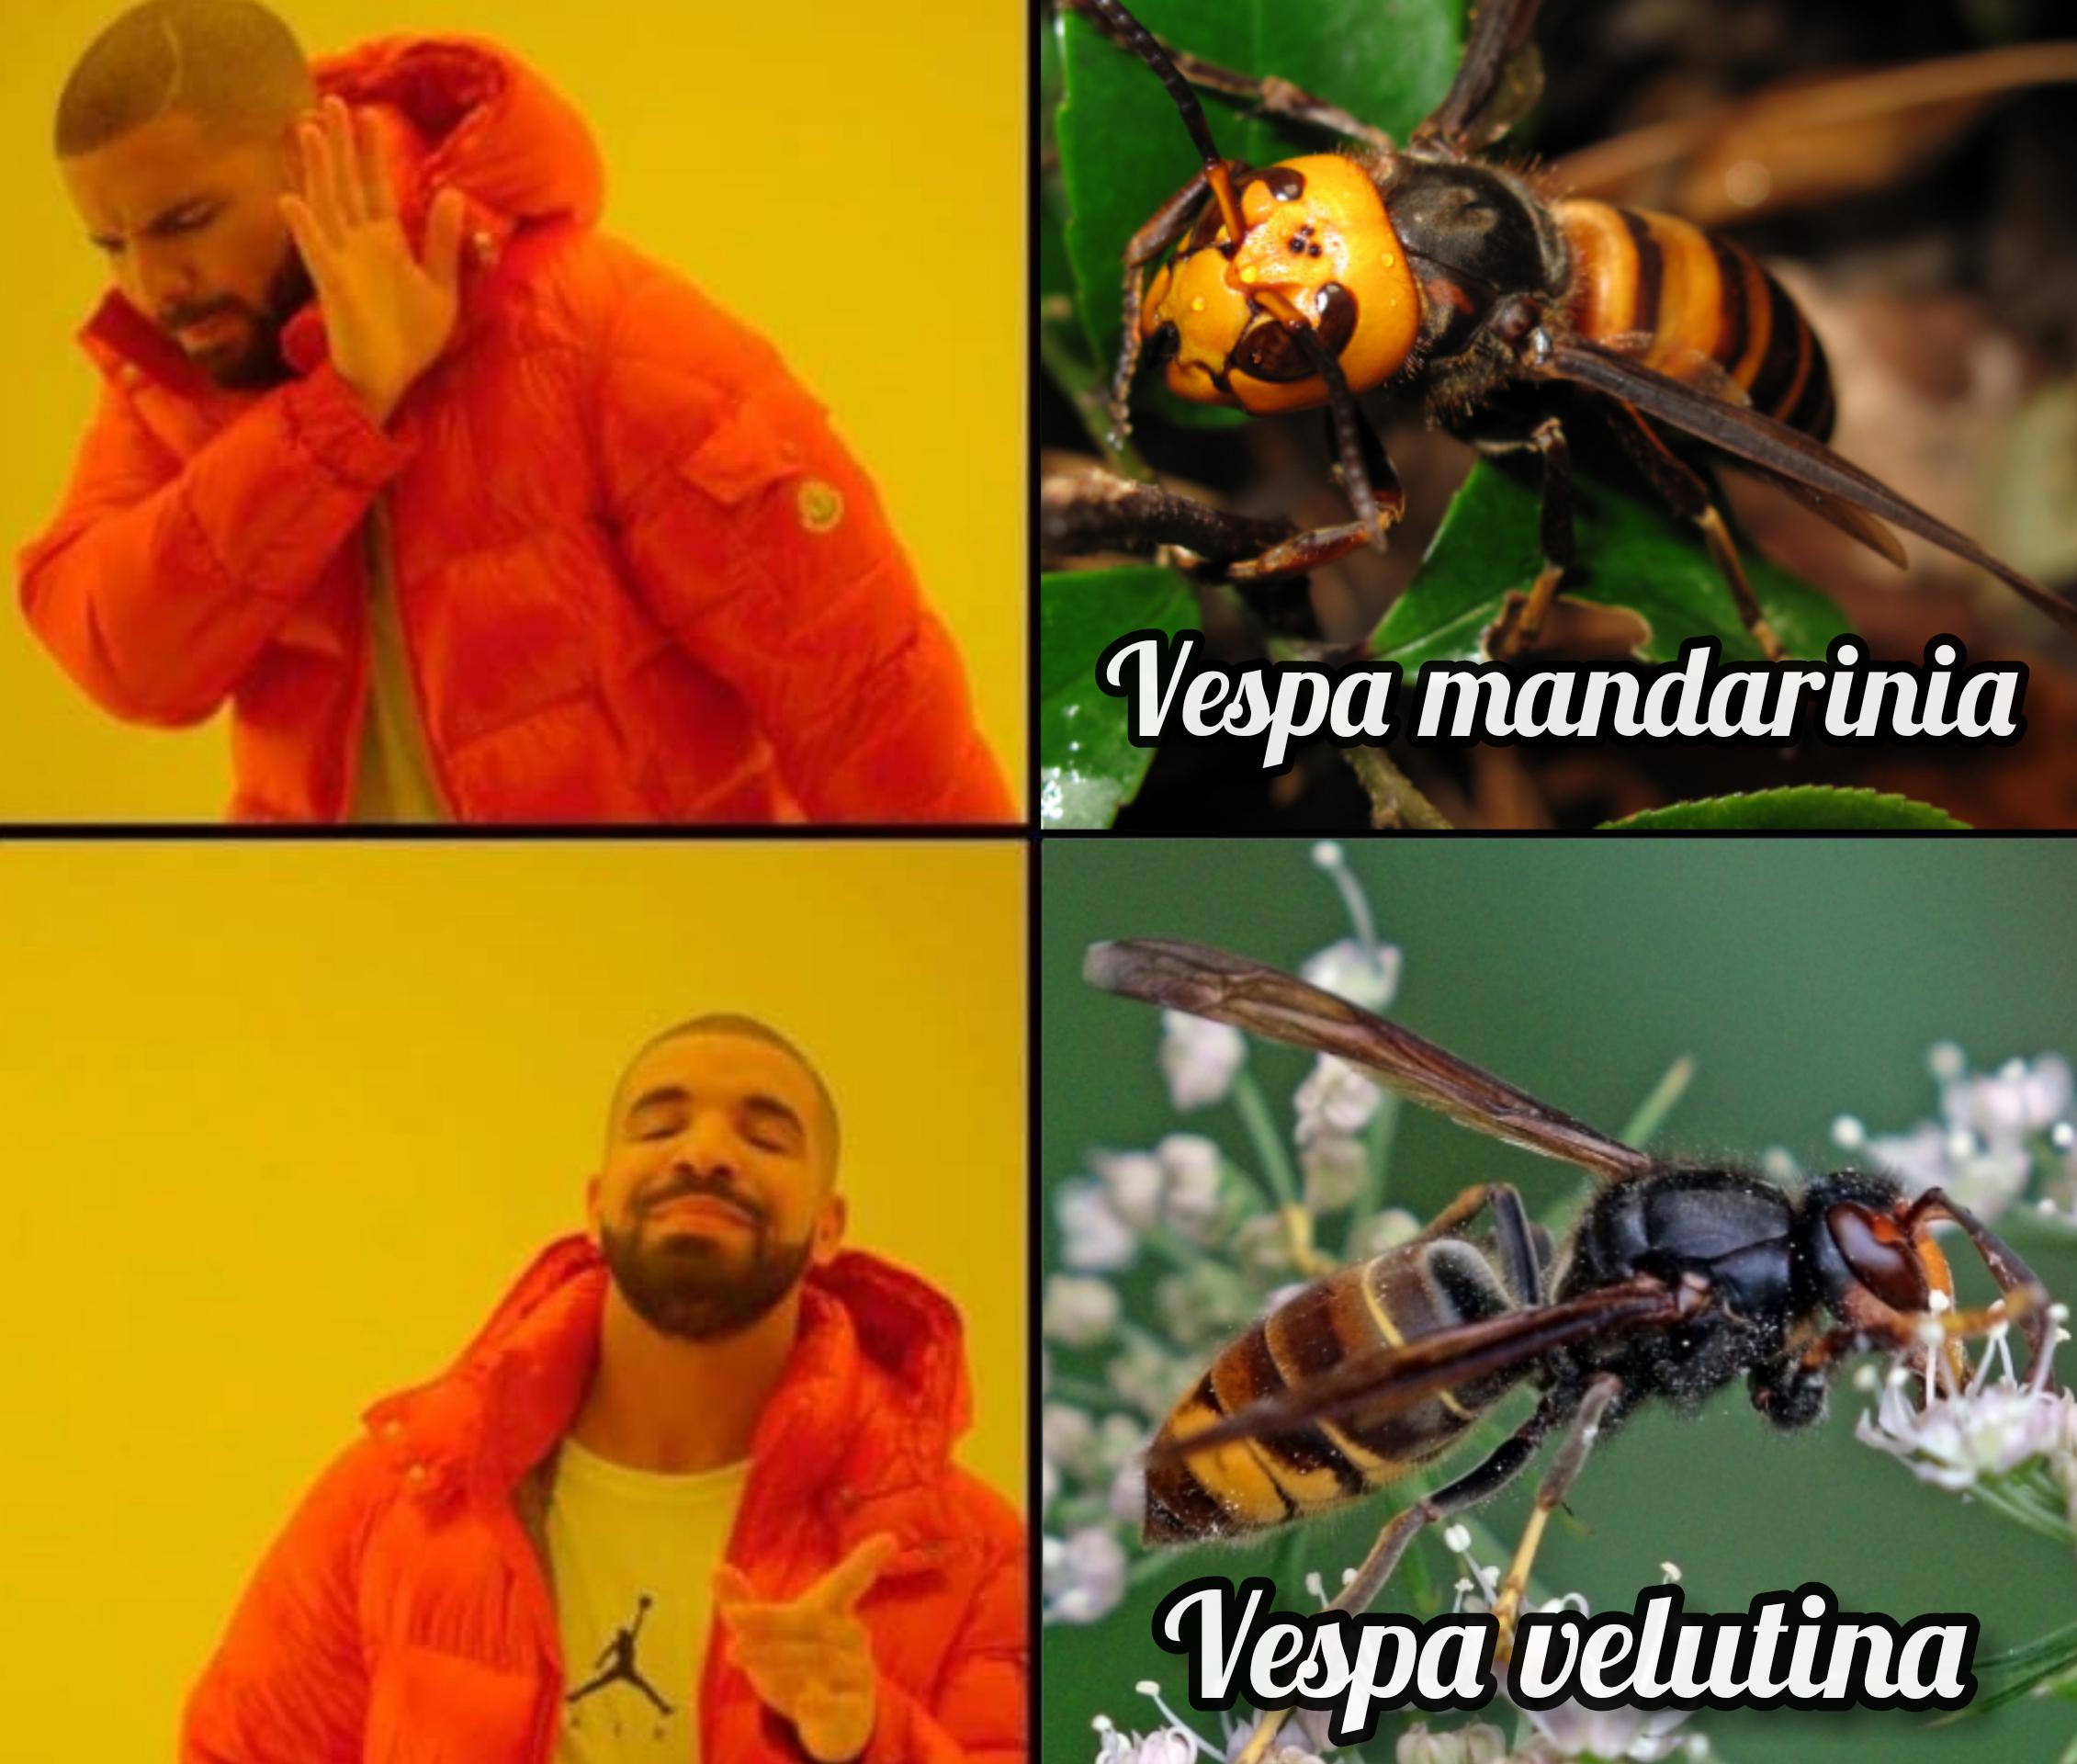 Meme Calabrone killer